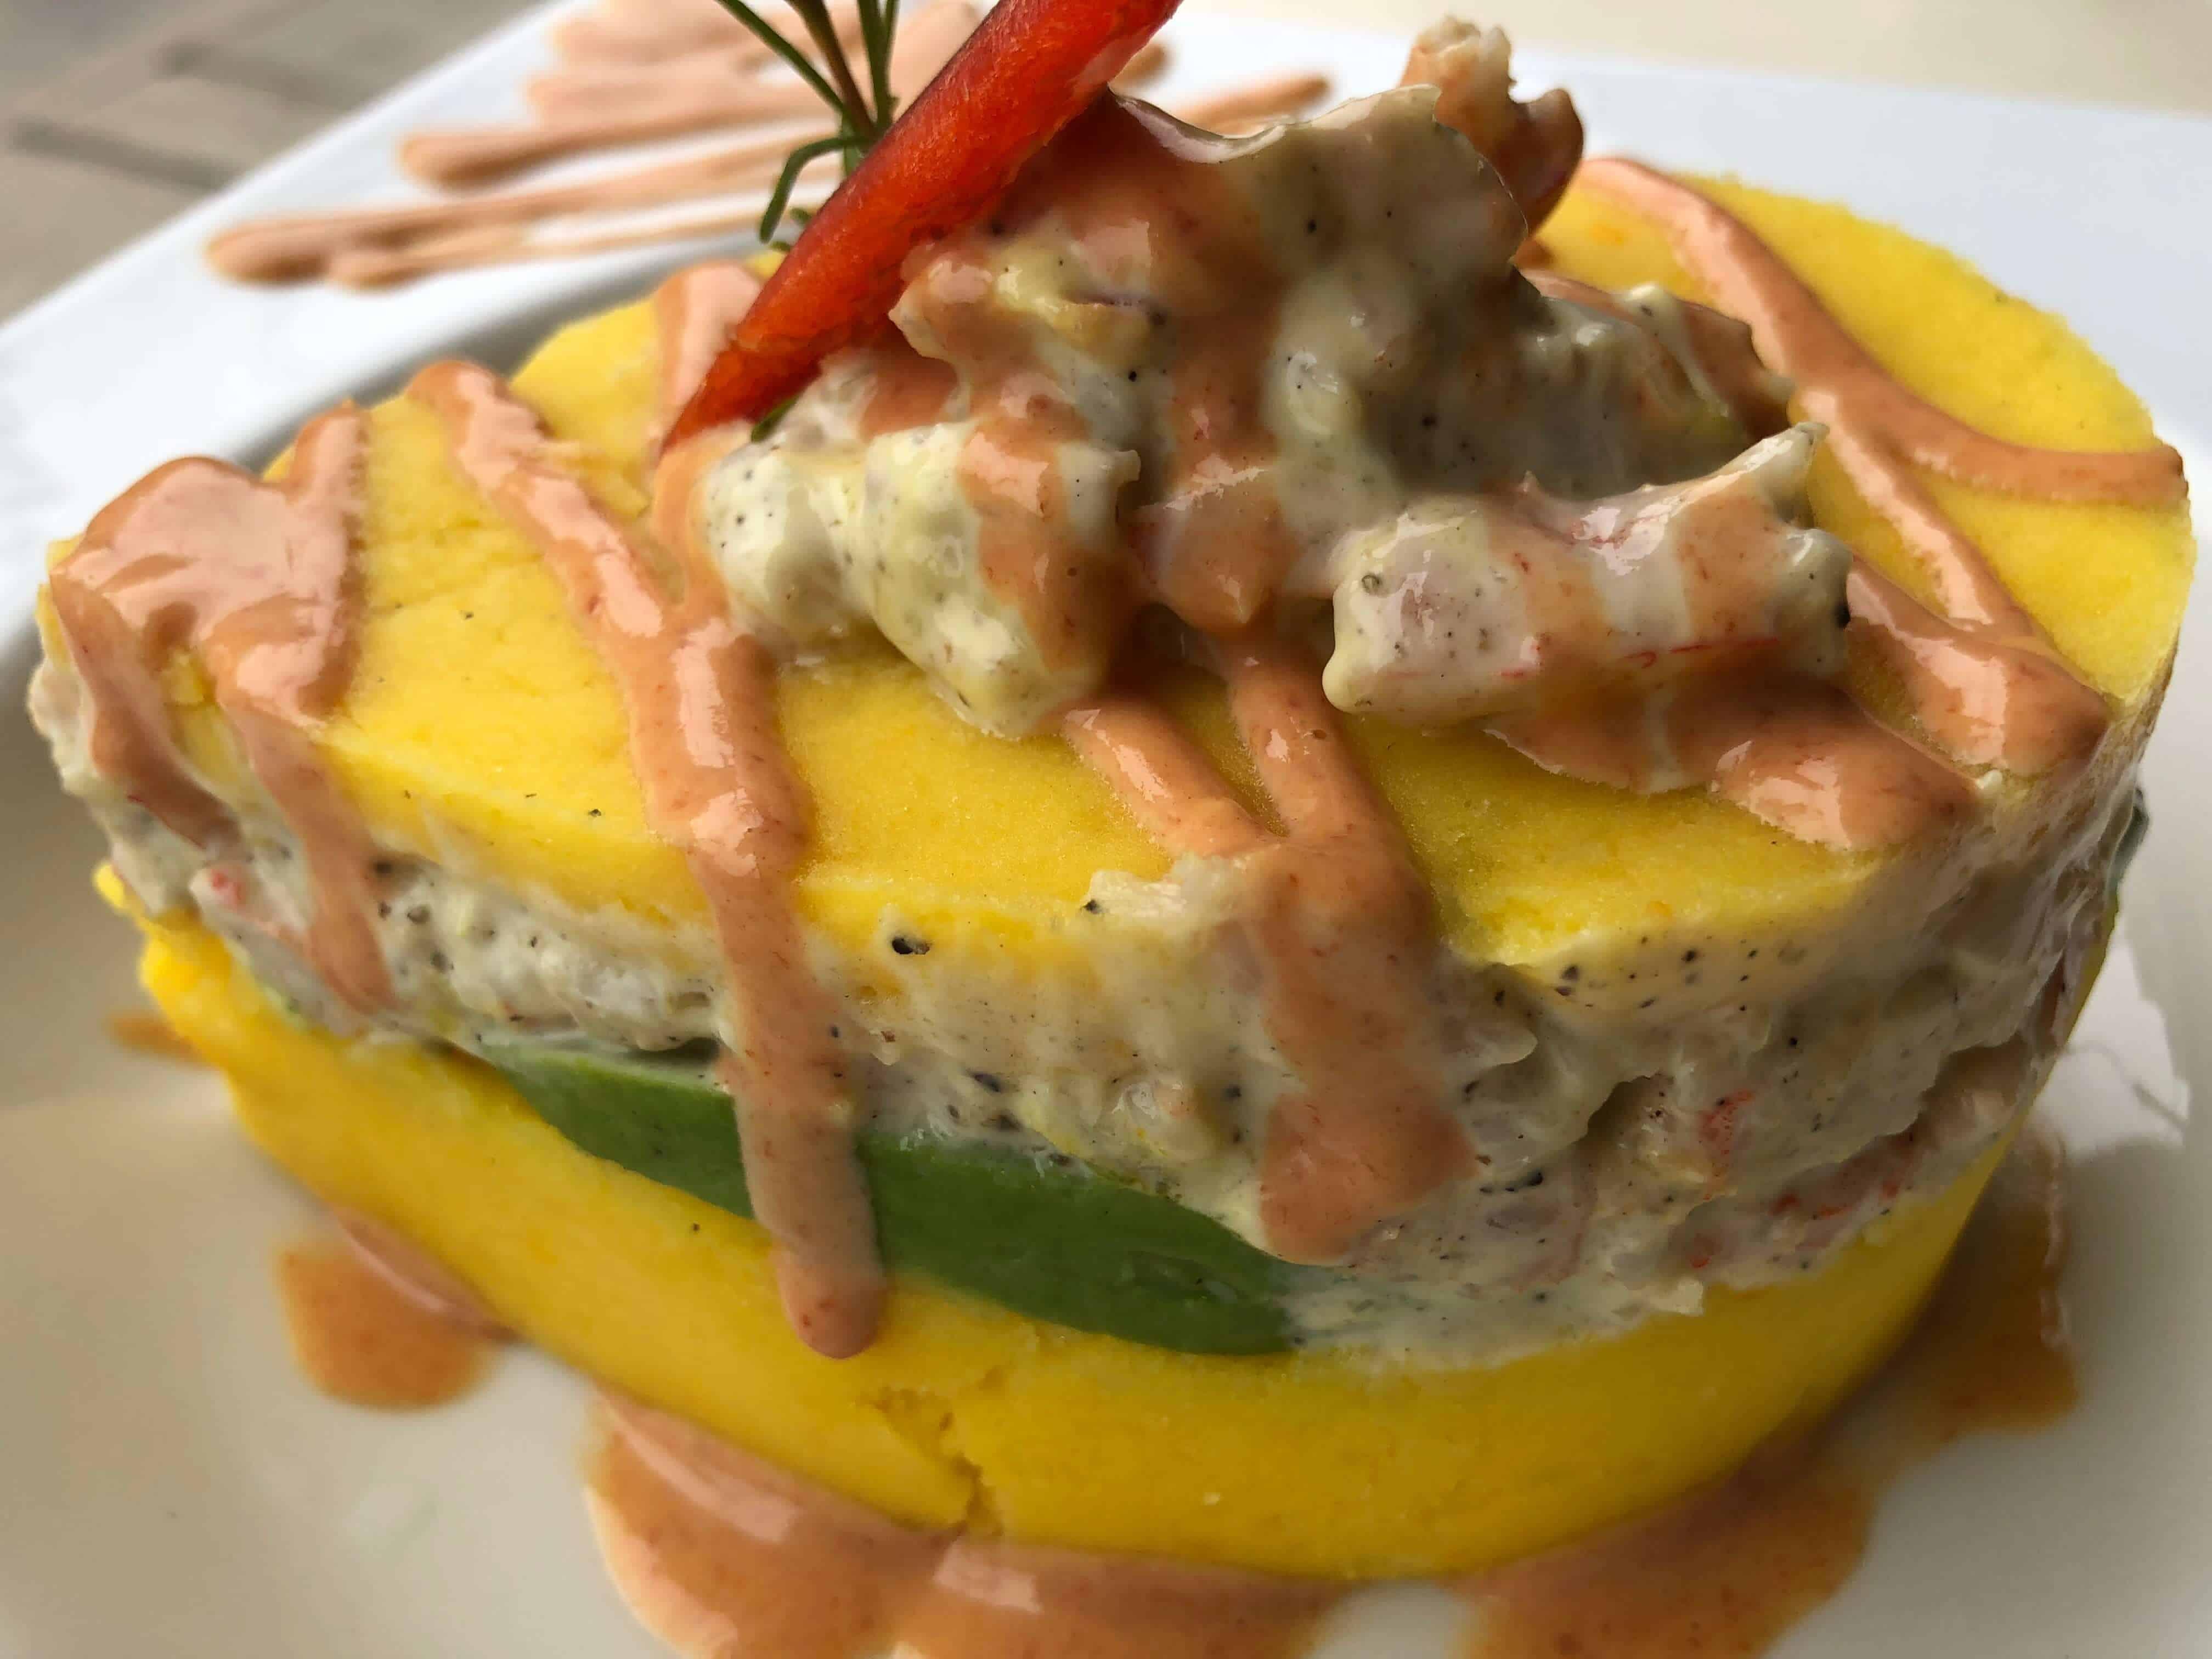 causa peruvian cuisine peruvian dish peruvian food